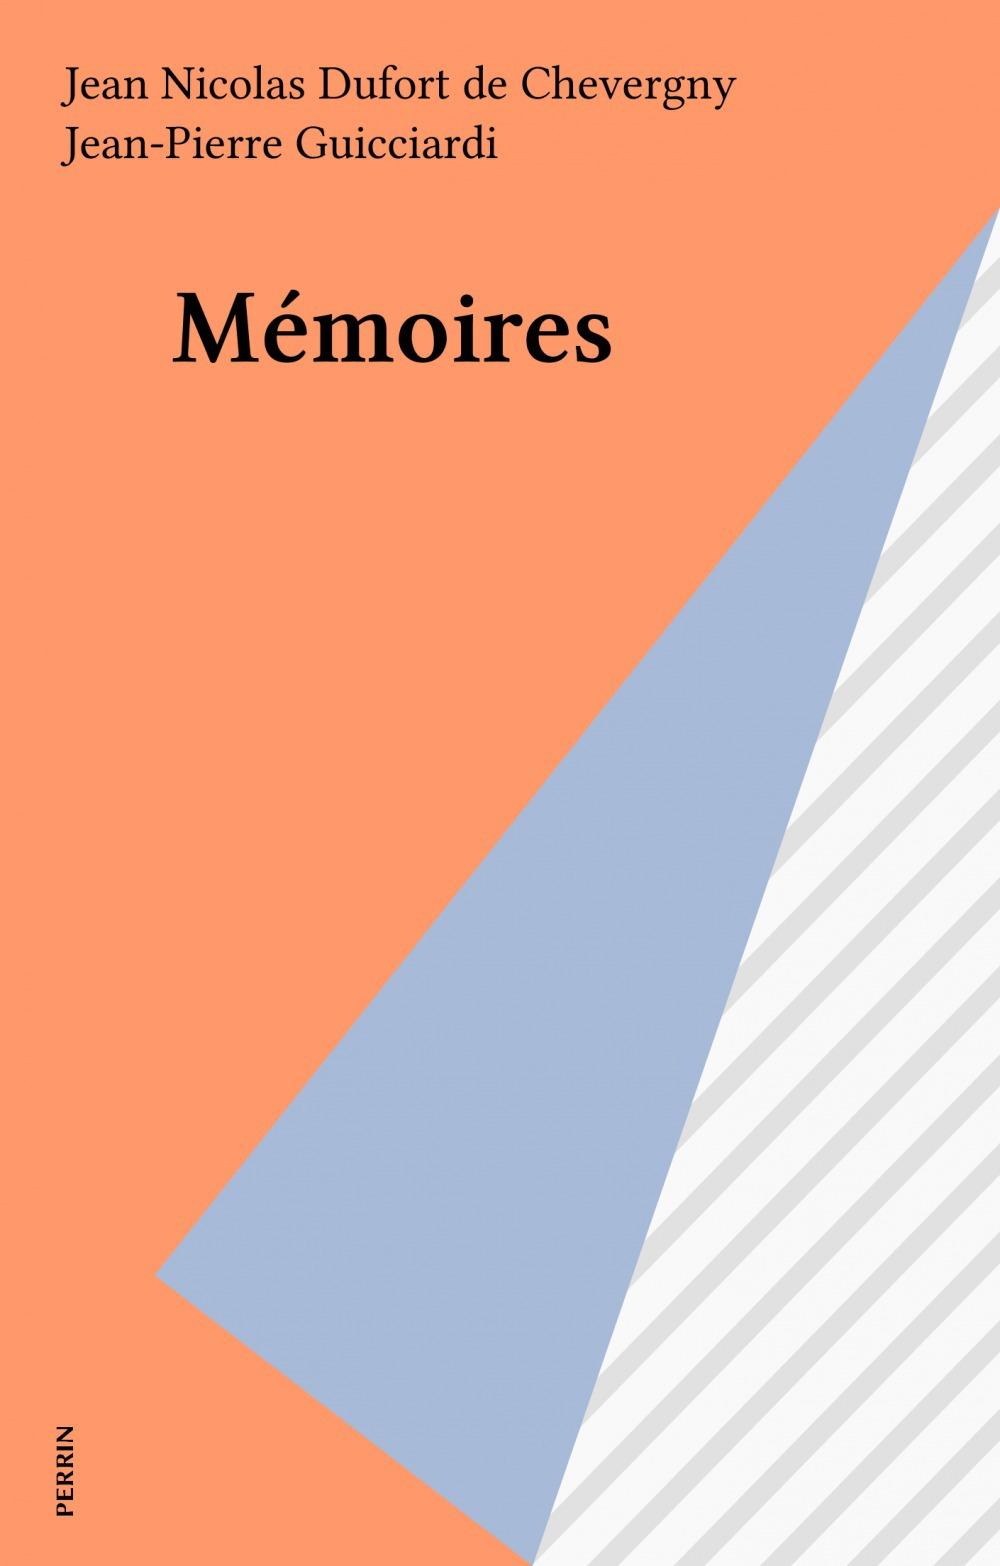 Memoires de dufort de cheverny